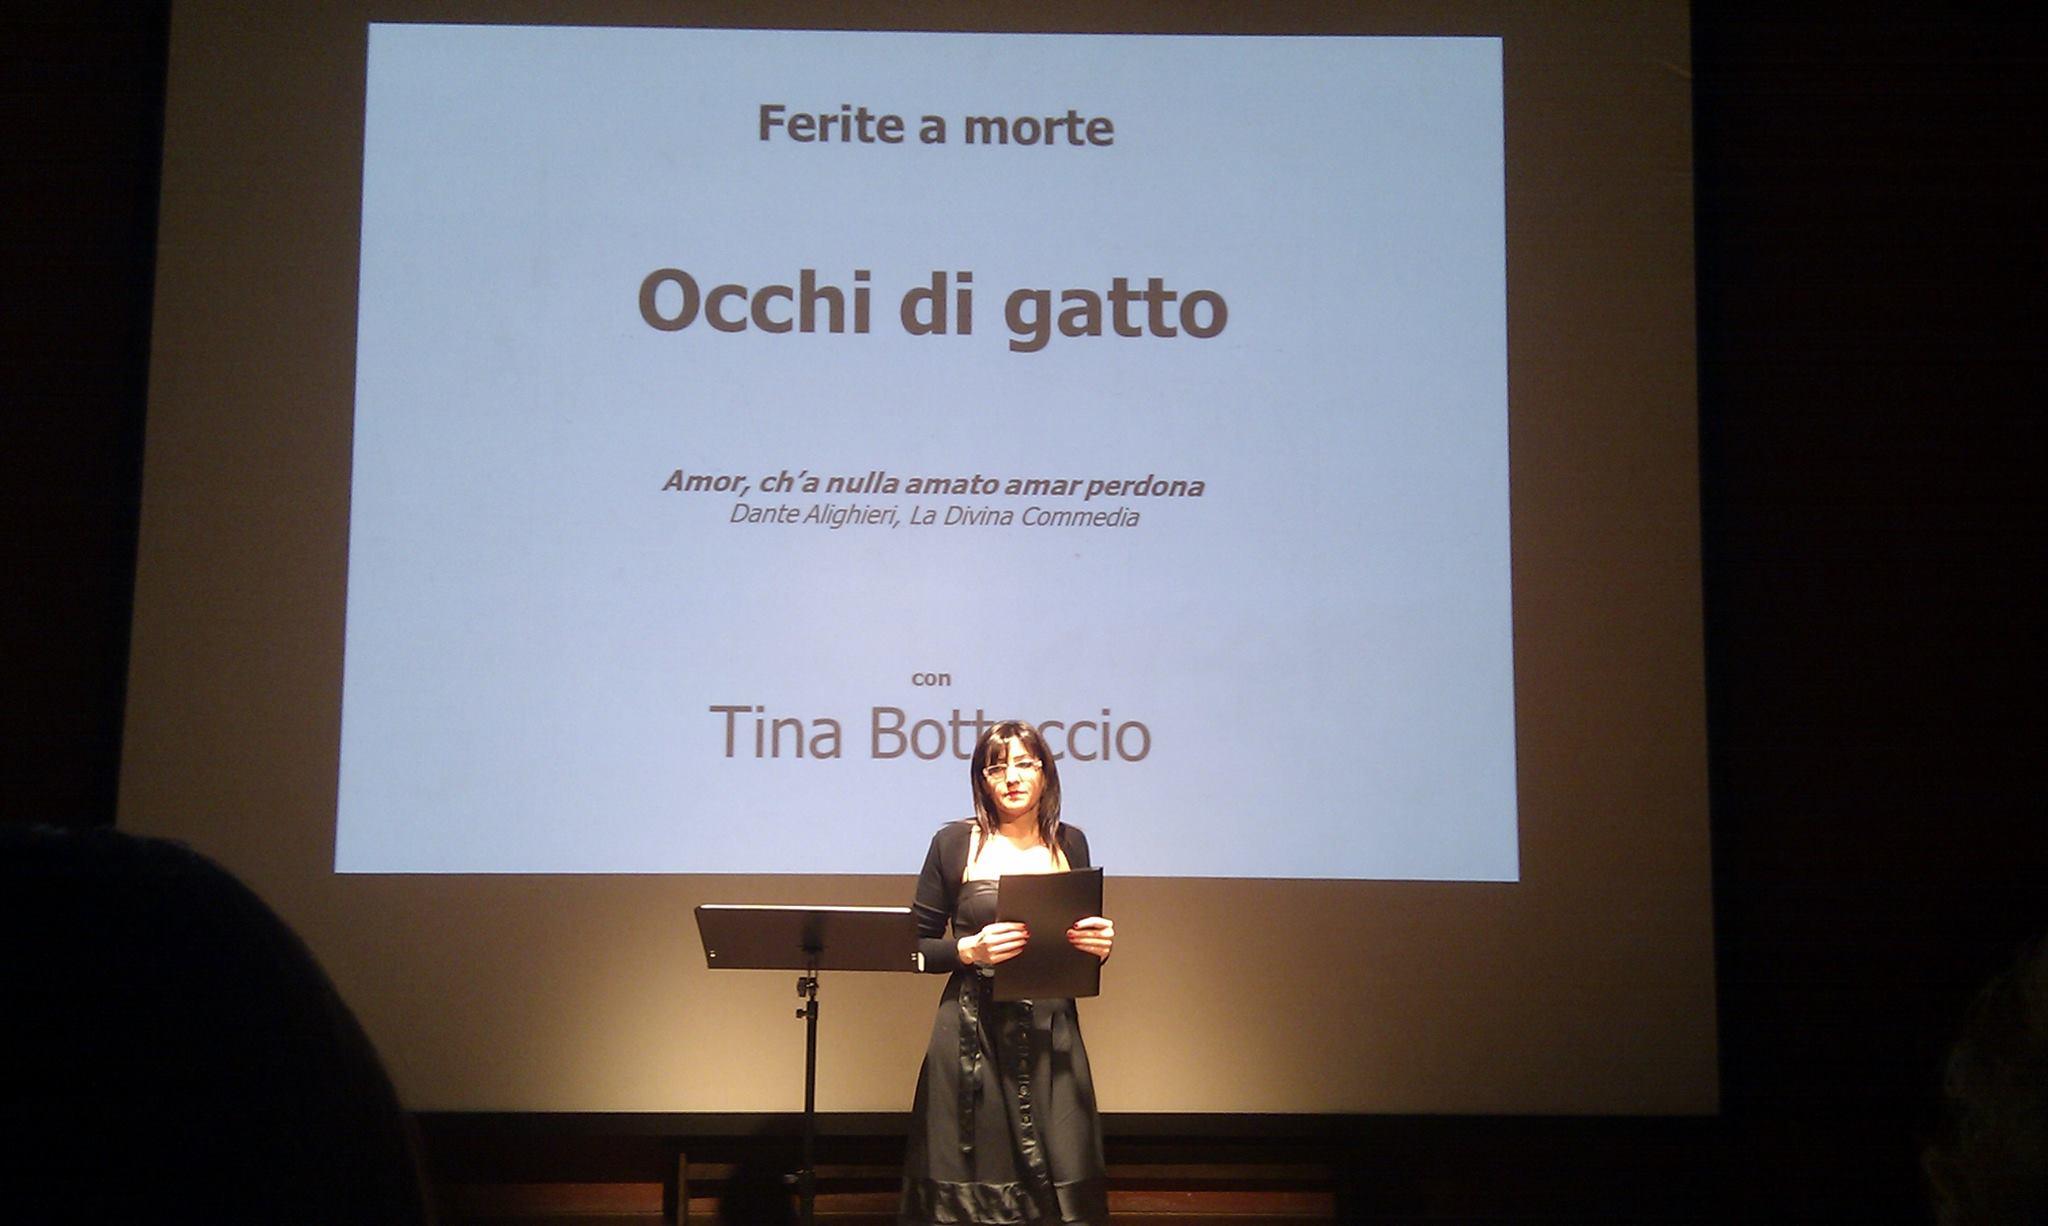 5_OcchidiGatto_TinaBottaccio